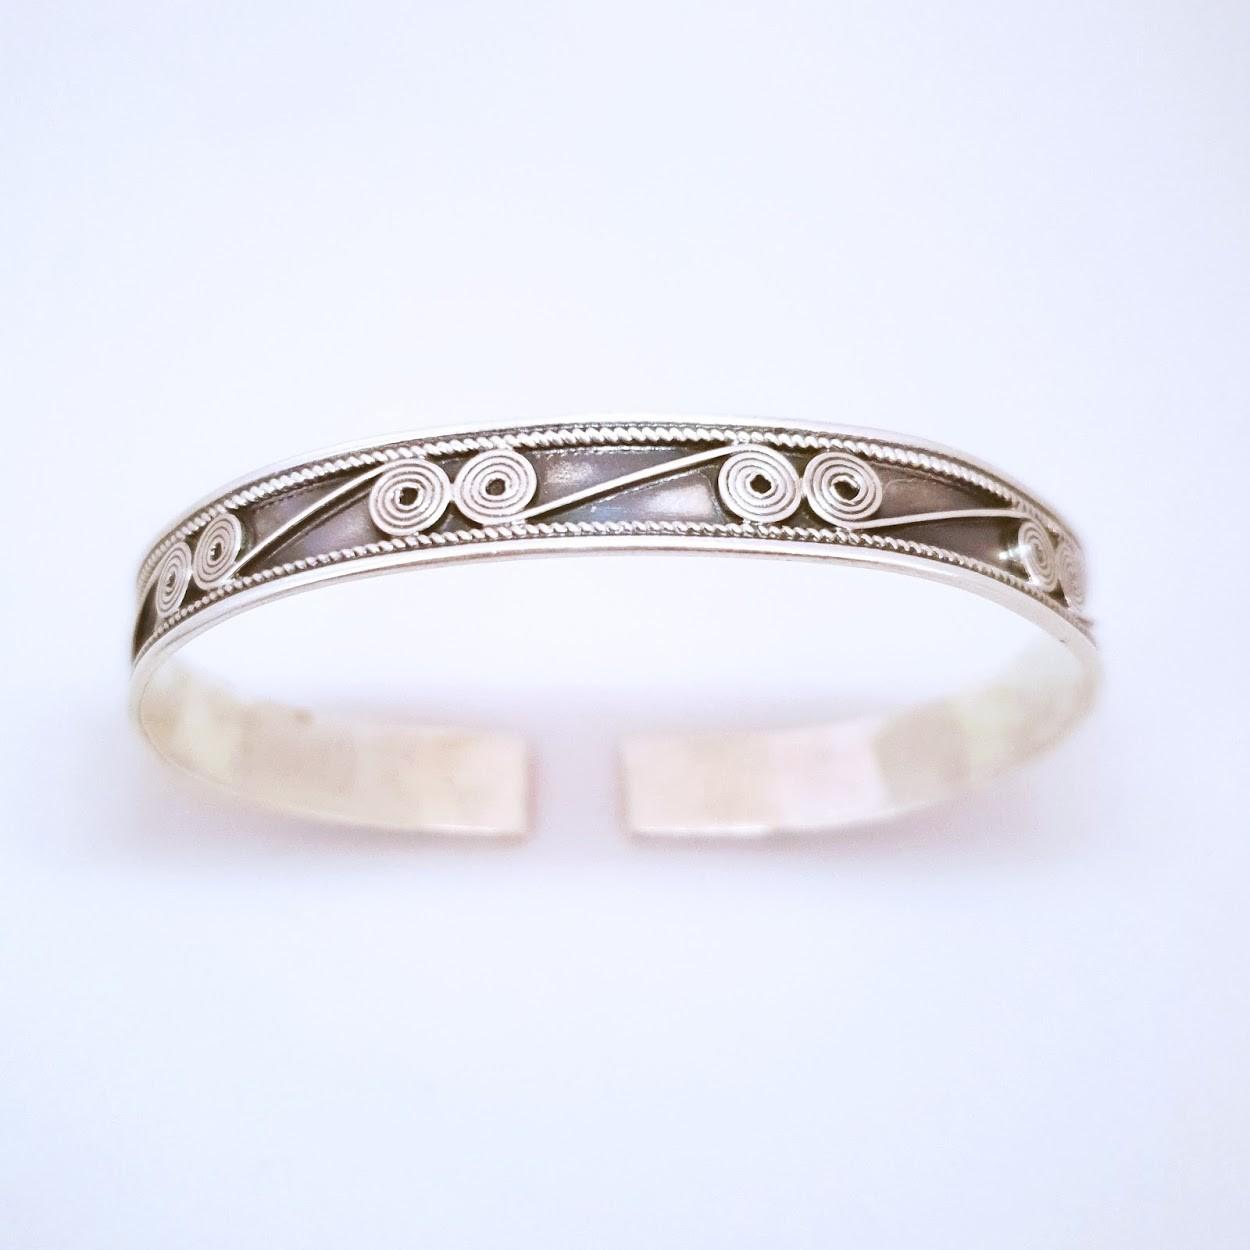 Bracelete de Prata Envelhecido com Espirais